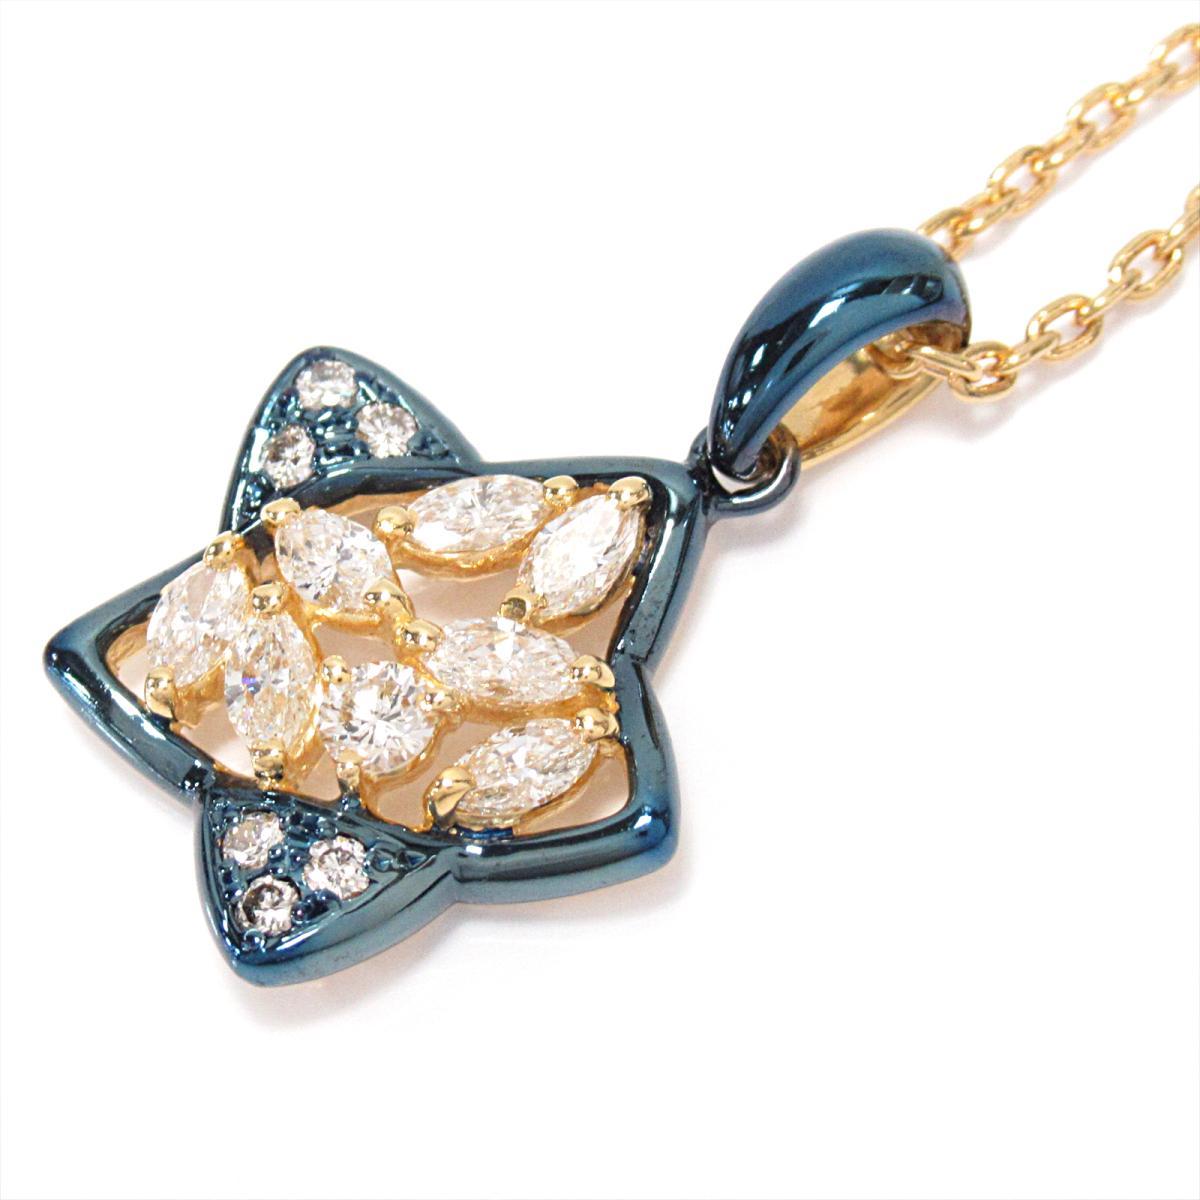 【中古】 サザンクロス ダイヤモンドネックレス レディース K18YG (750) イエローゴールド x ダイヤモンド (石目なし) | Southern Cross BRANDOFF ブランドオフ ブランド アクセサリー ネックレス ペンダント